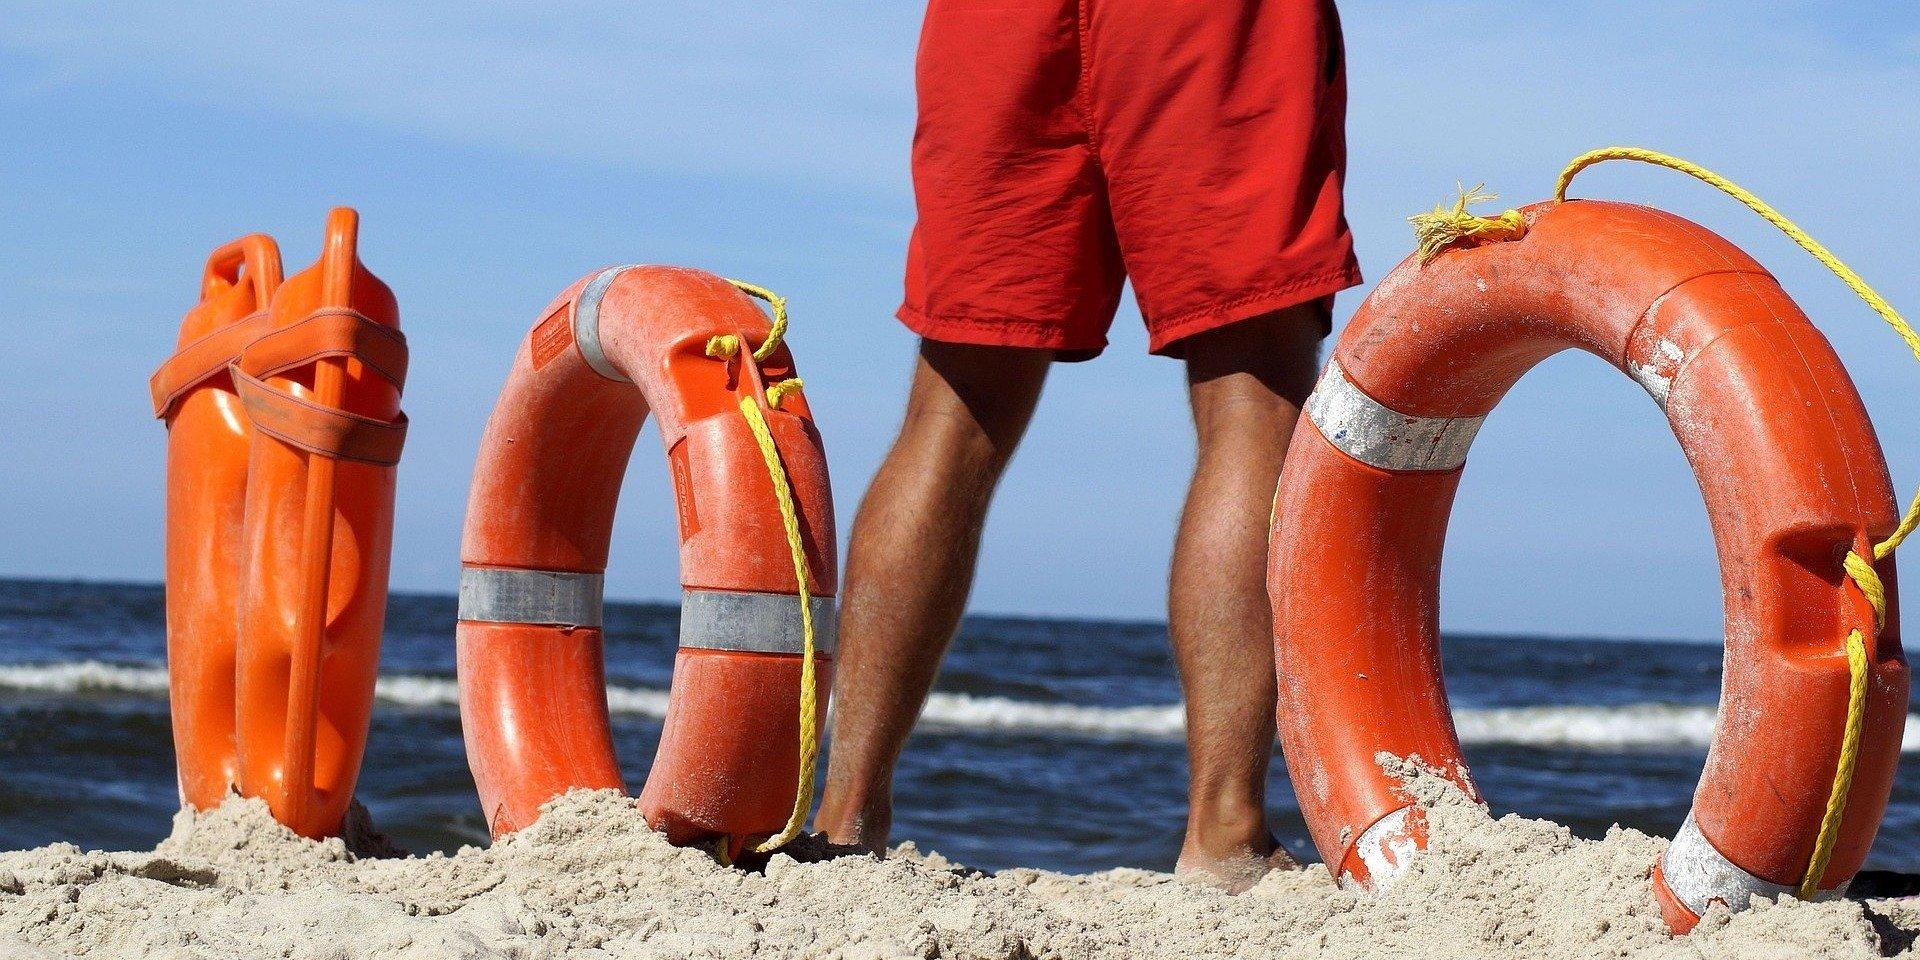 Zaczęły się wakacje – rady ratownika wodnego